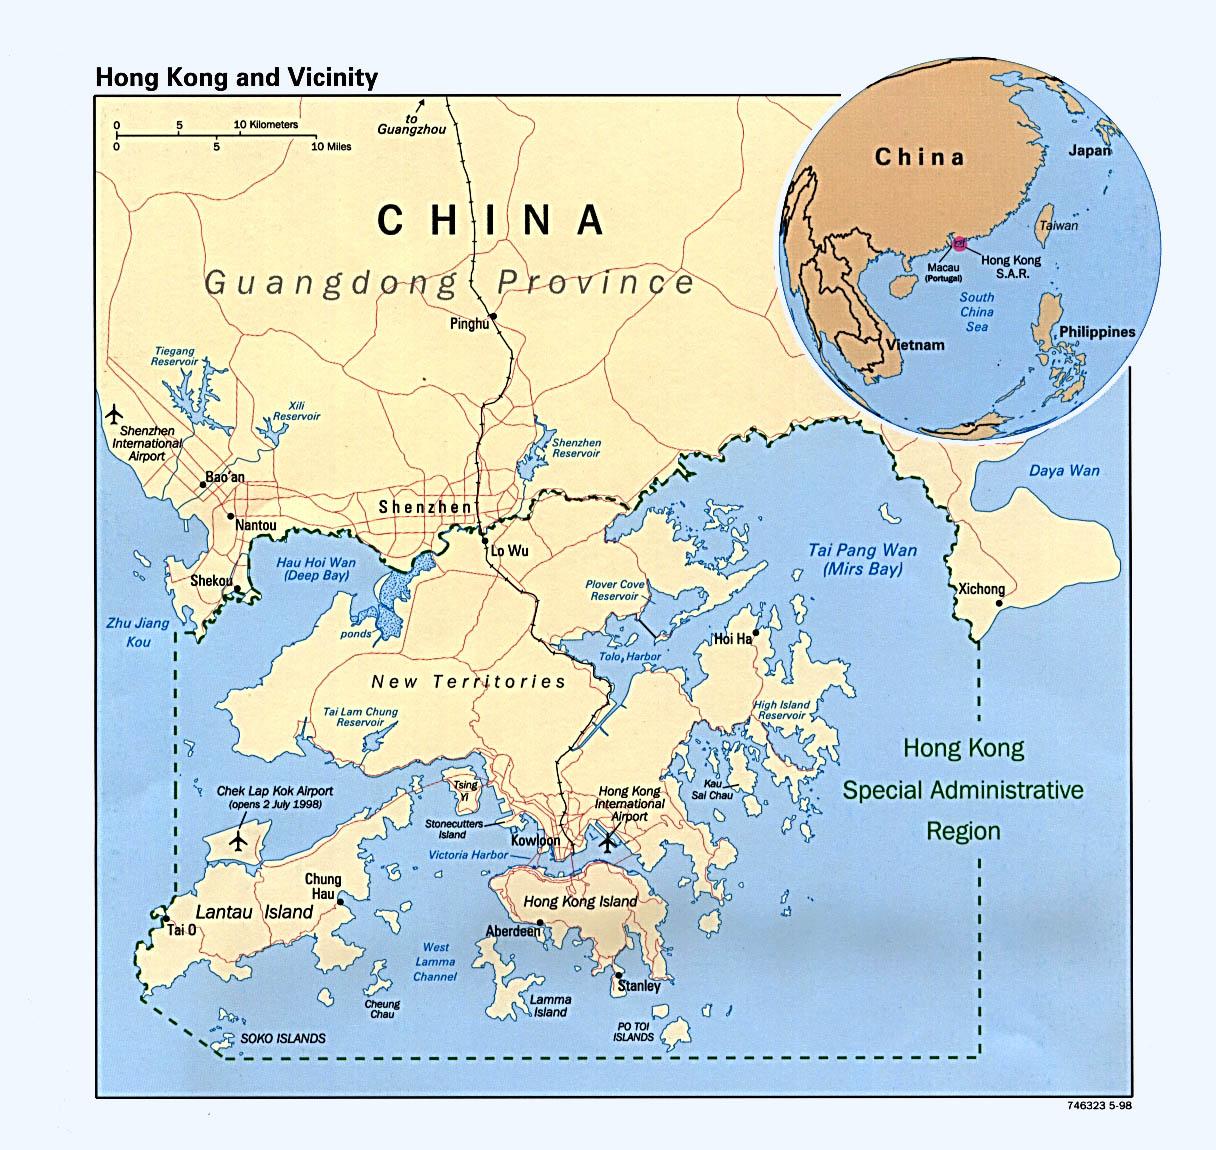 igo 8.3 map hong kong - mantdoheltergpart11 - Blogcu.com